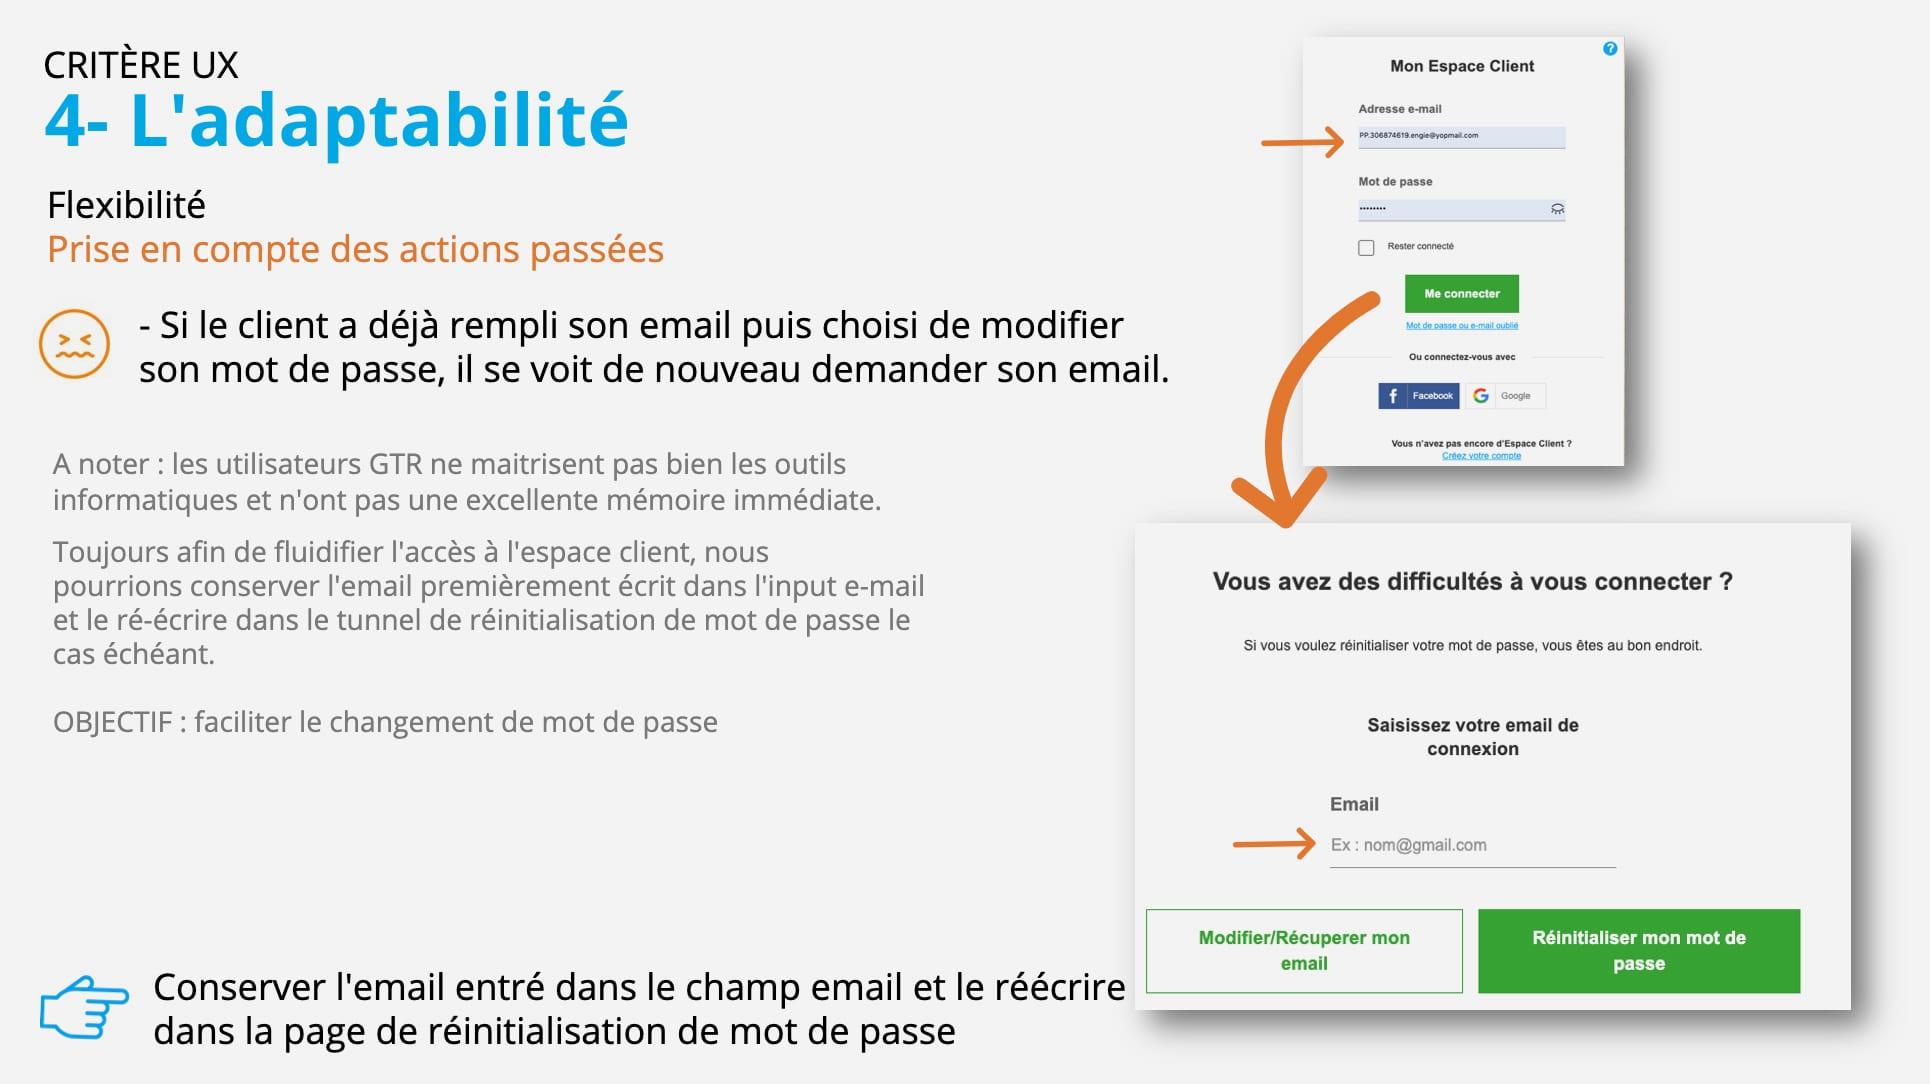 Audit - Critère UX : adaptabilité